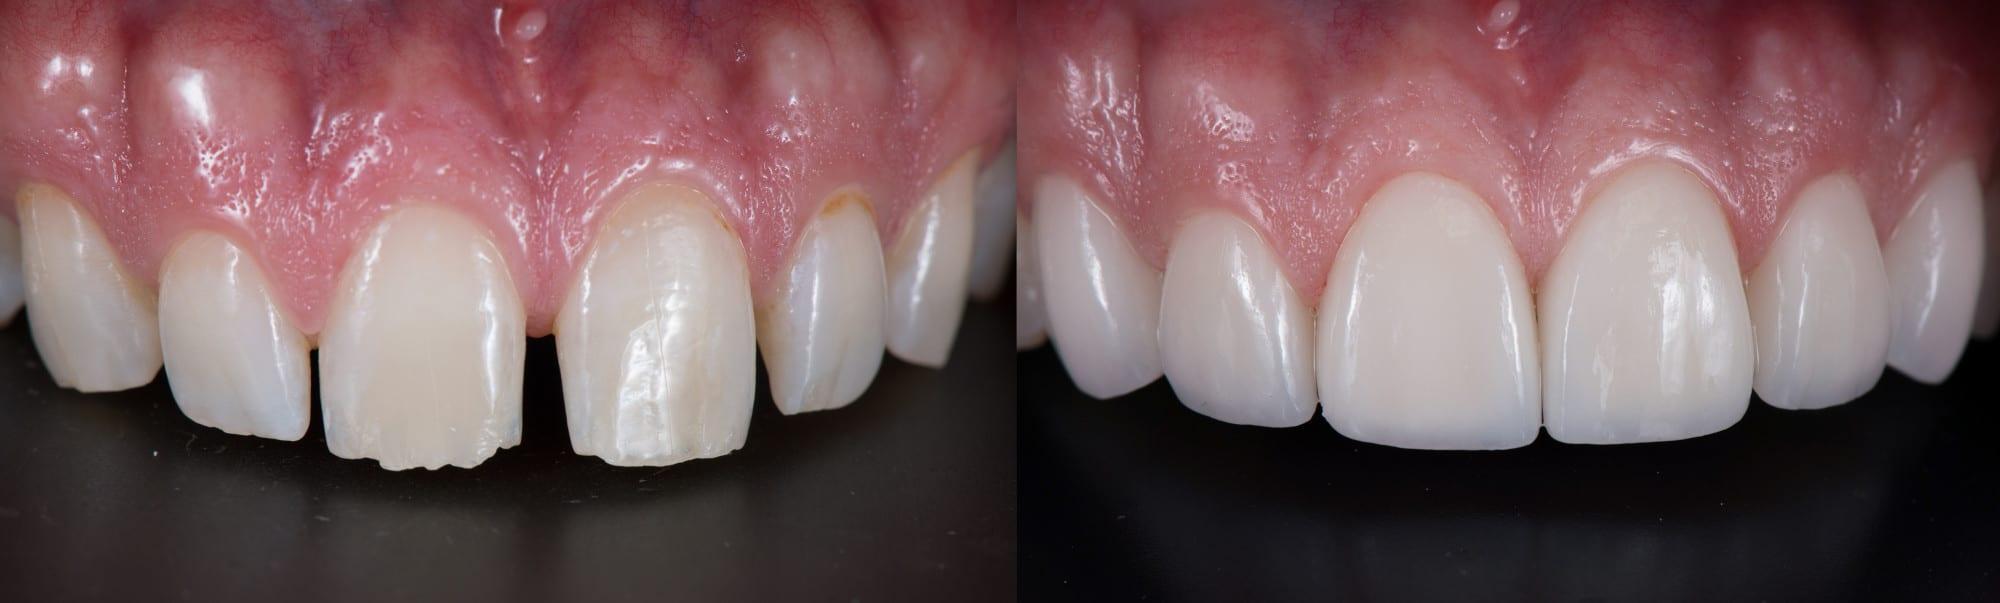 veneers on upper front teeth